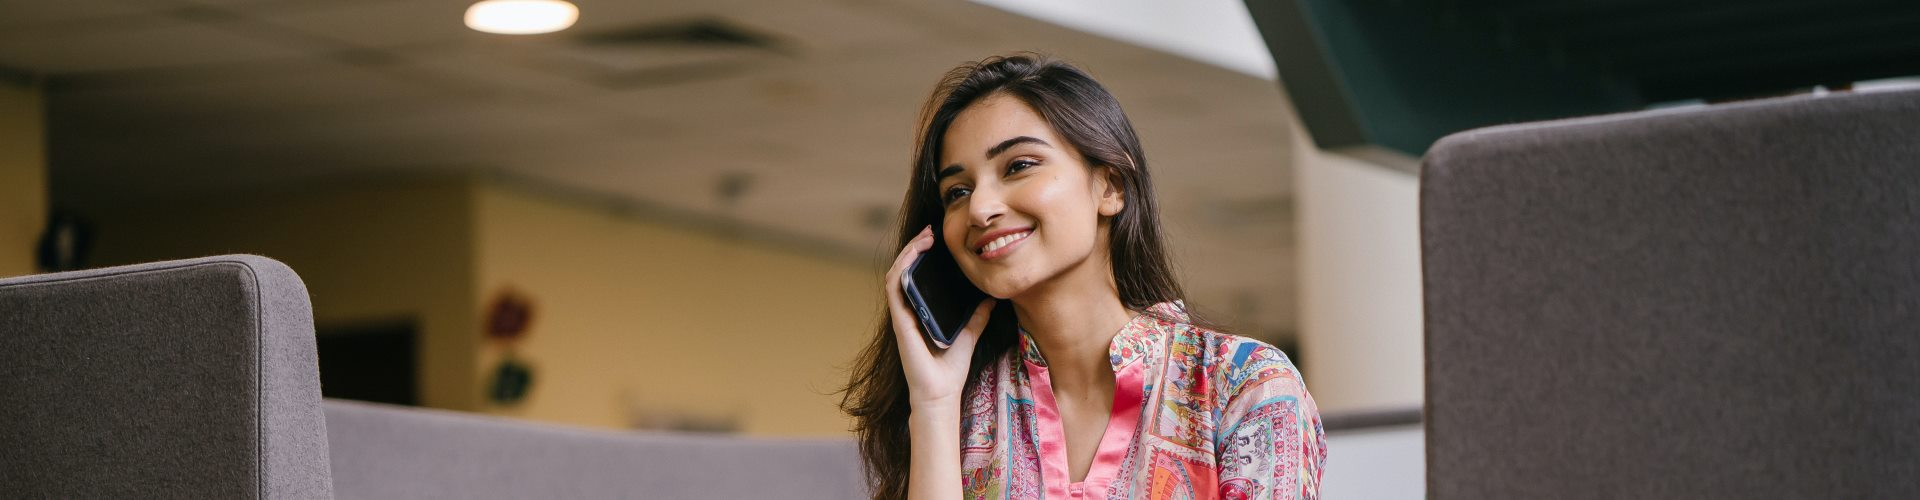 telefonierende Frau